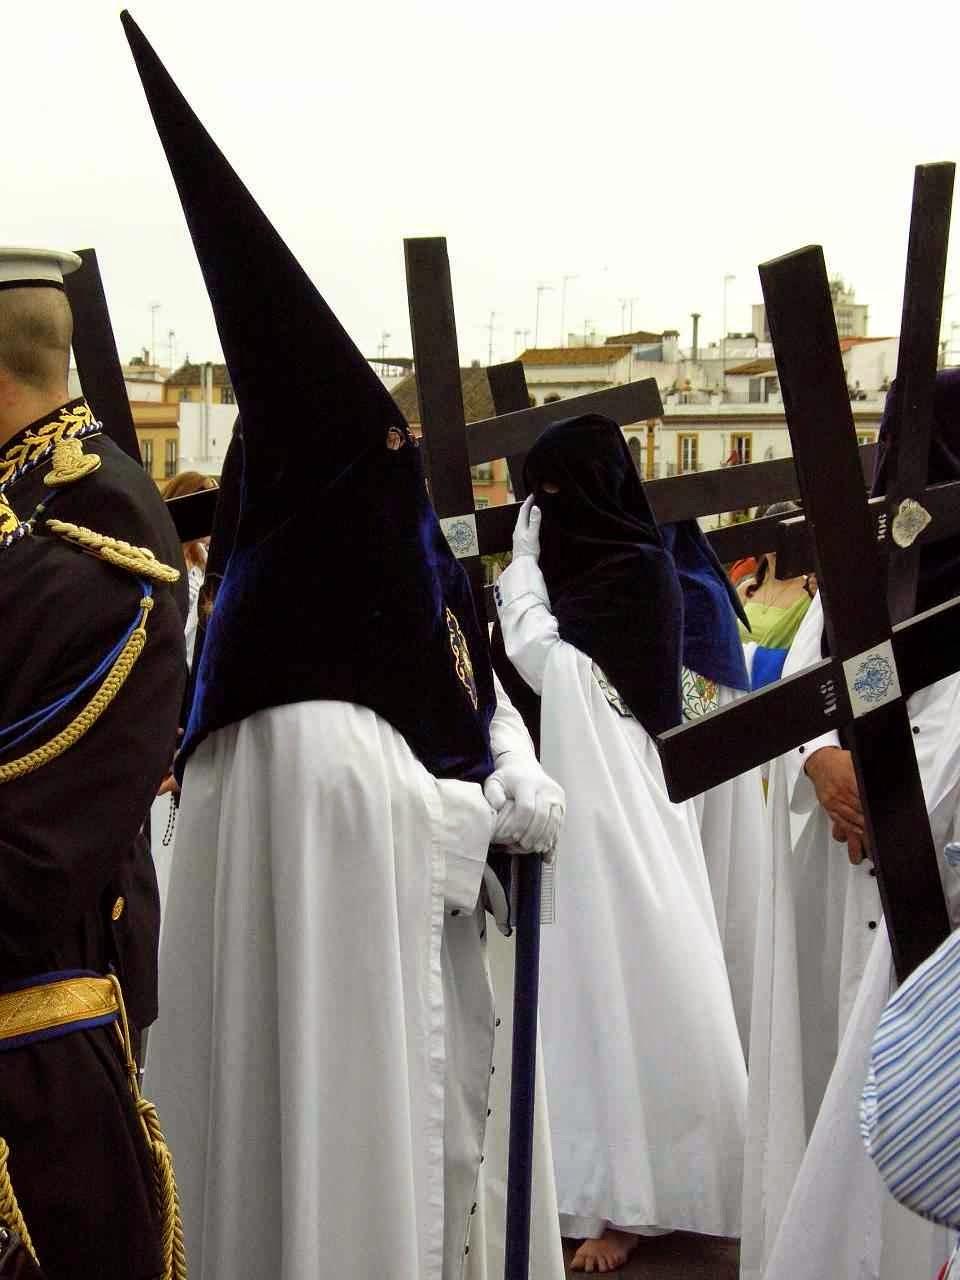 Confraria de penitentes carregando a Cruz, Semana Santa, Sevilha, Espanha.